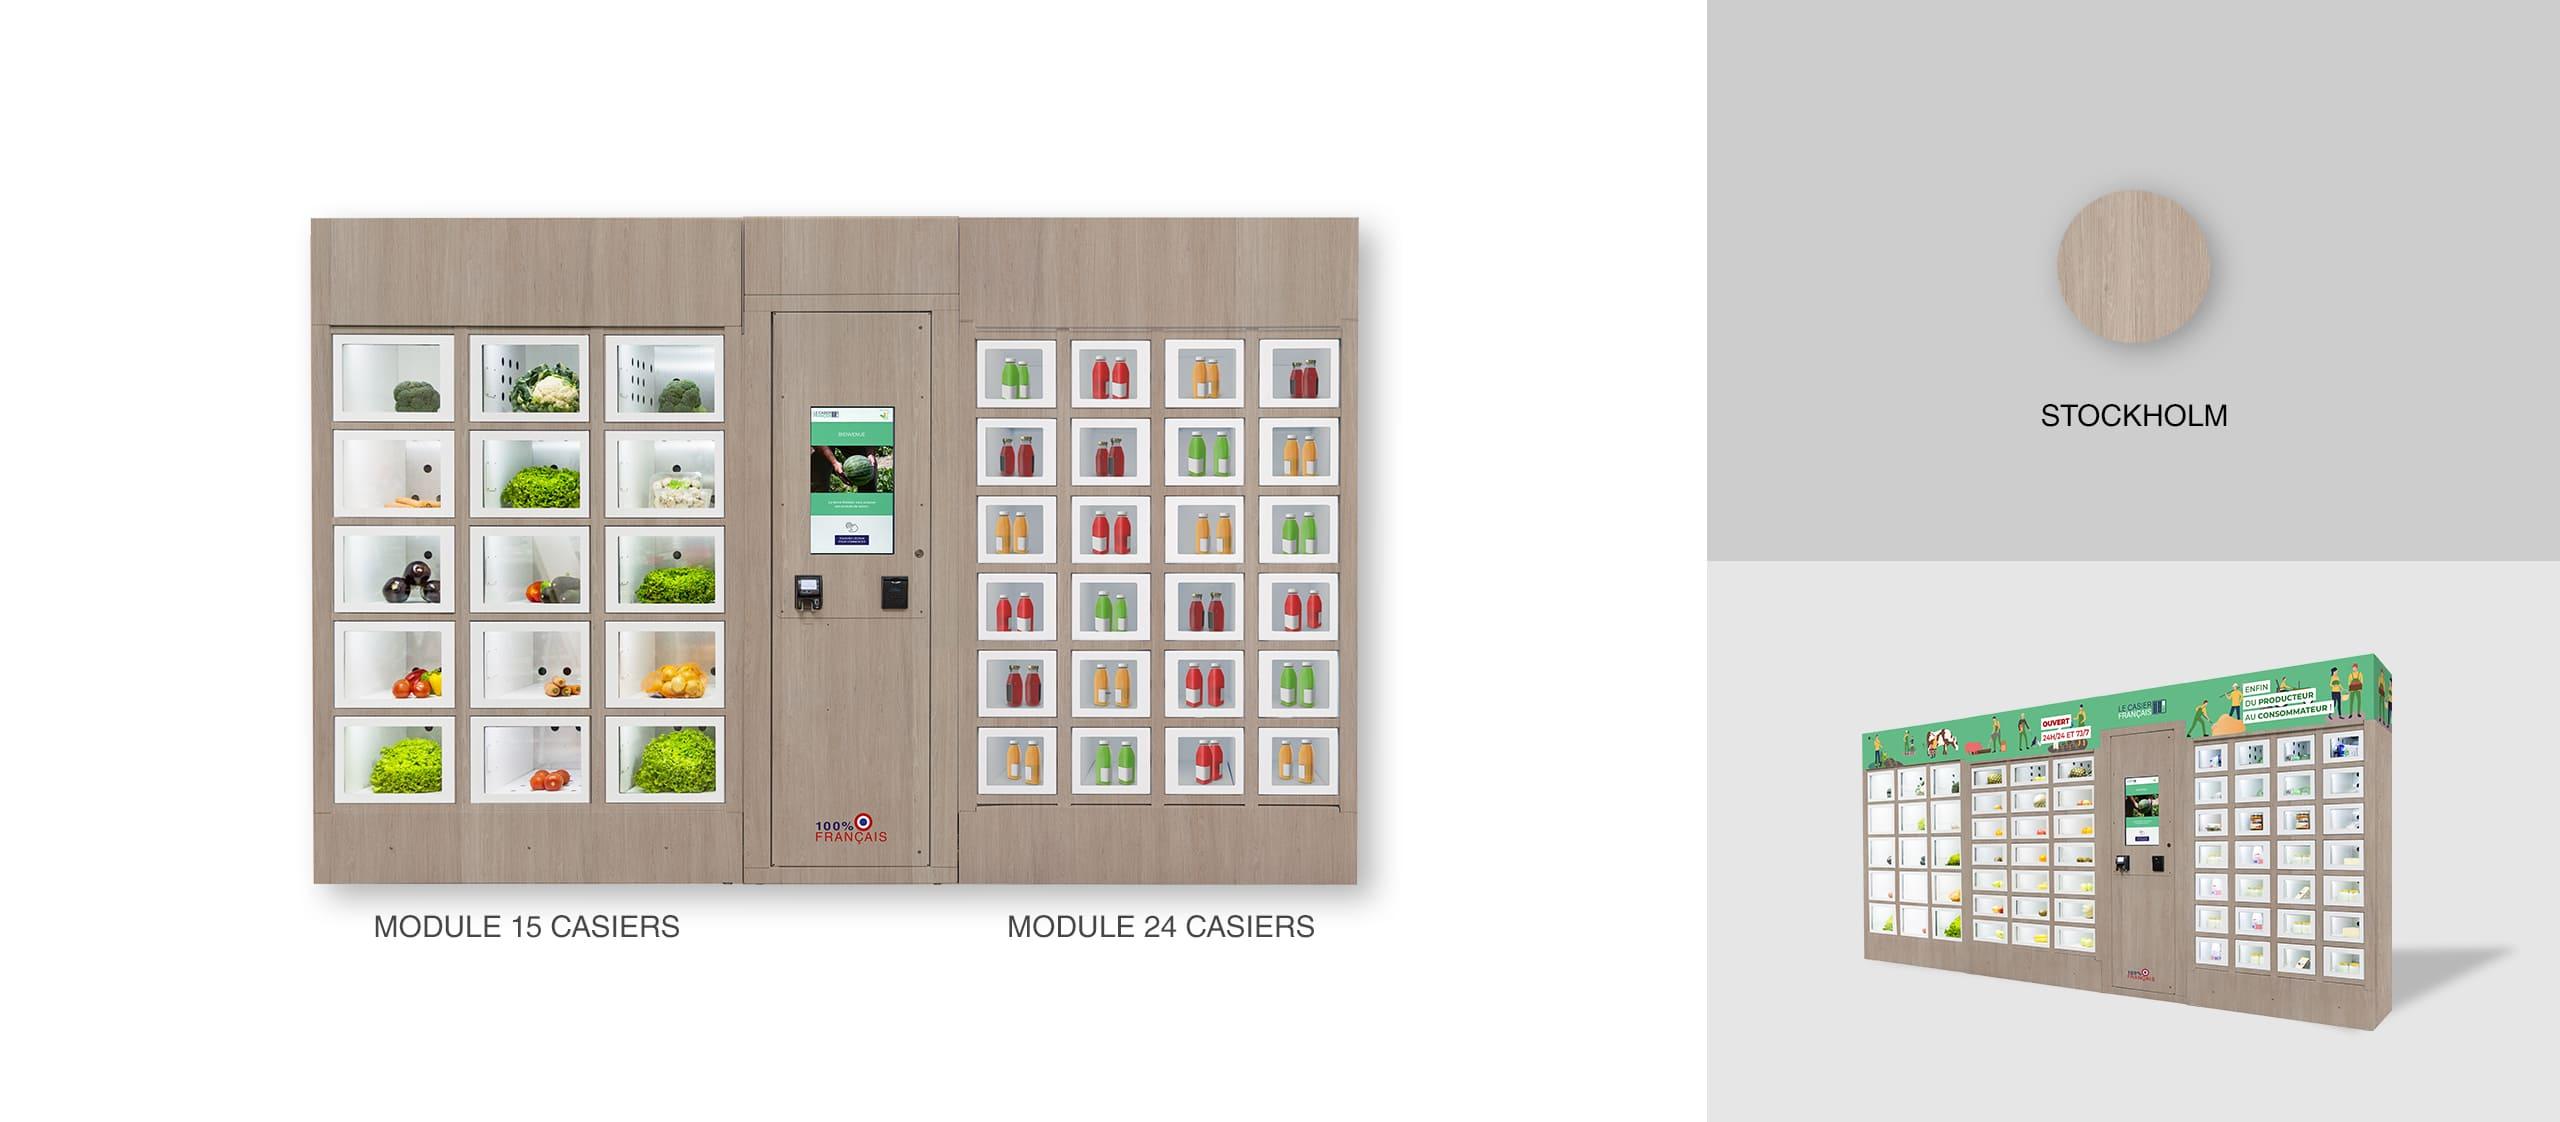 Stockholm casing of a Le Casier français vending machine